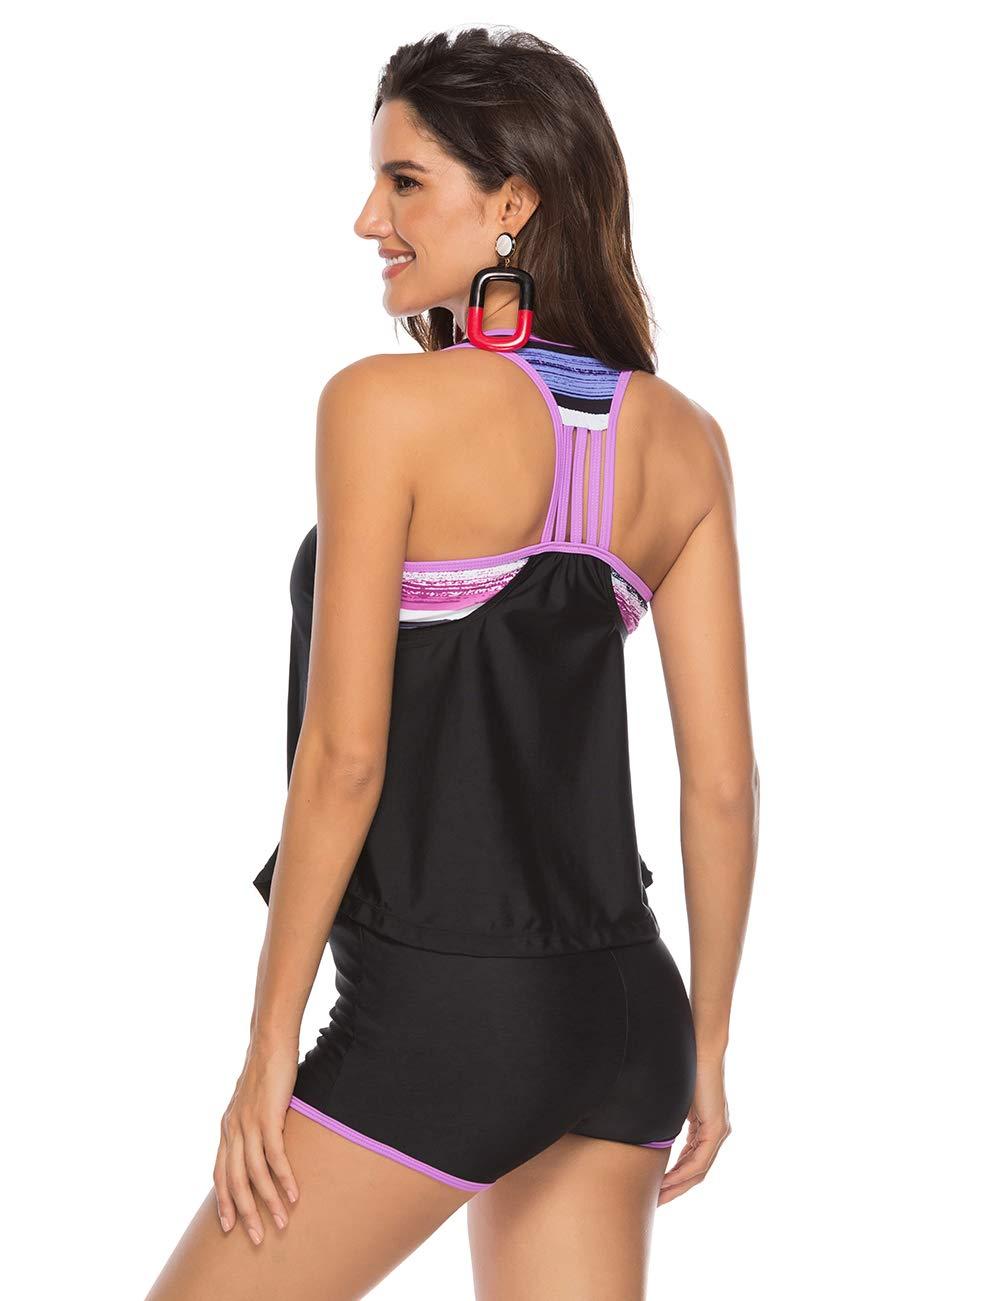 JOYMODE Womens 3 Pieces Athletic Swimwear Sports Swimsuit Set with Boyshort